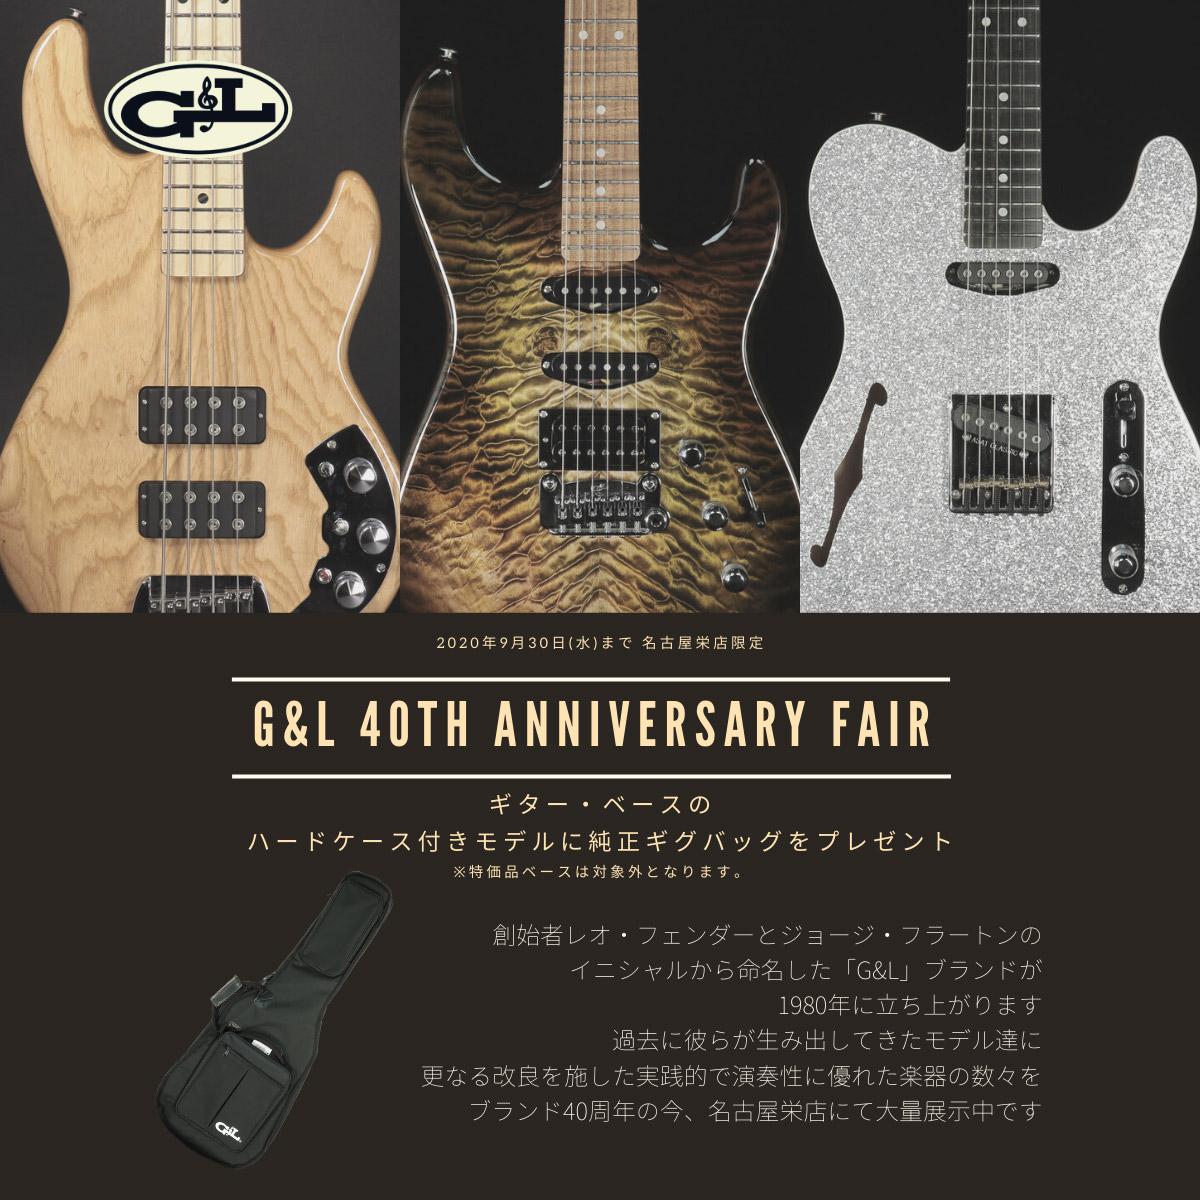 8月31日(月)まで!名古屋栄店 G&L 40th Anniversary Fair!